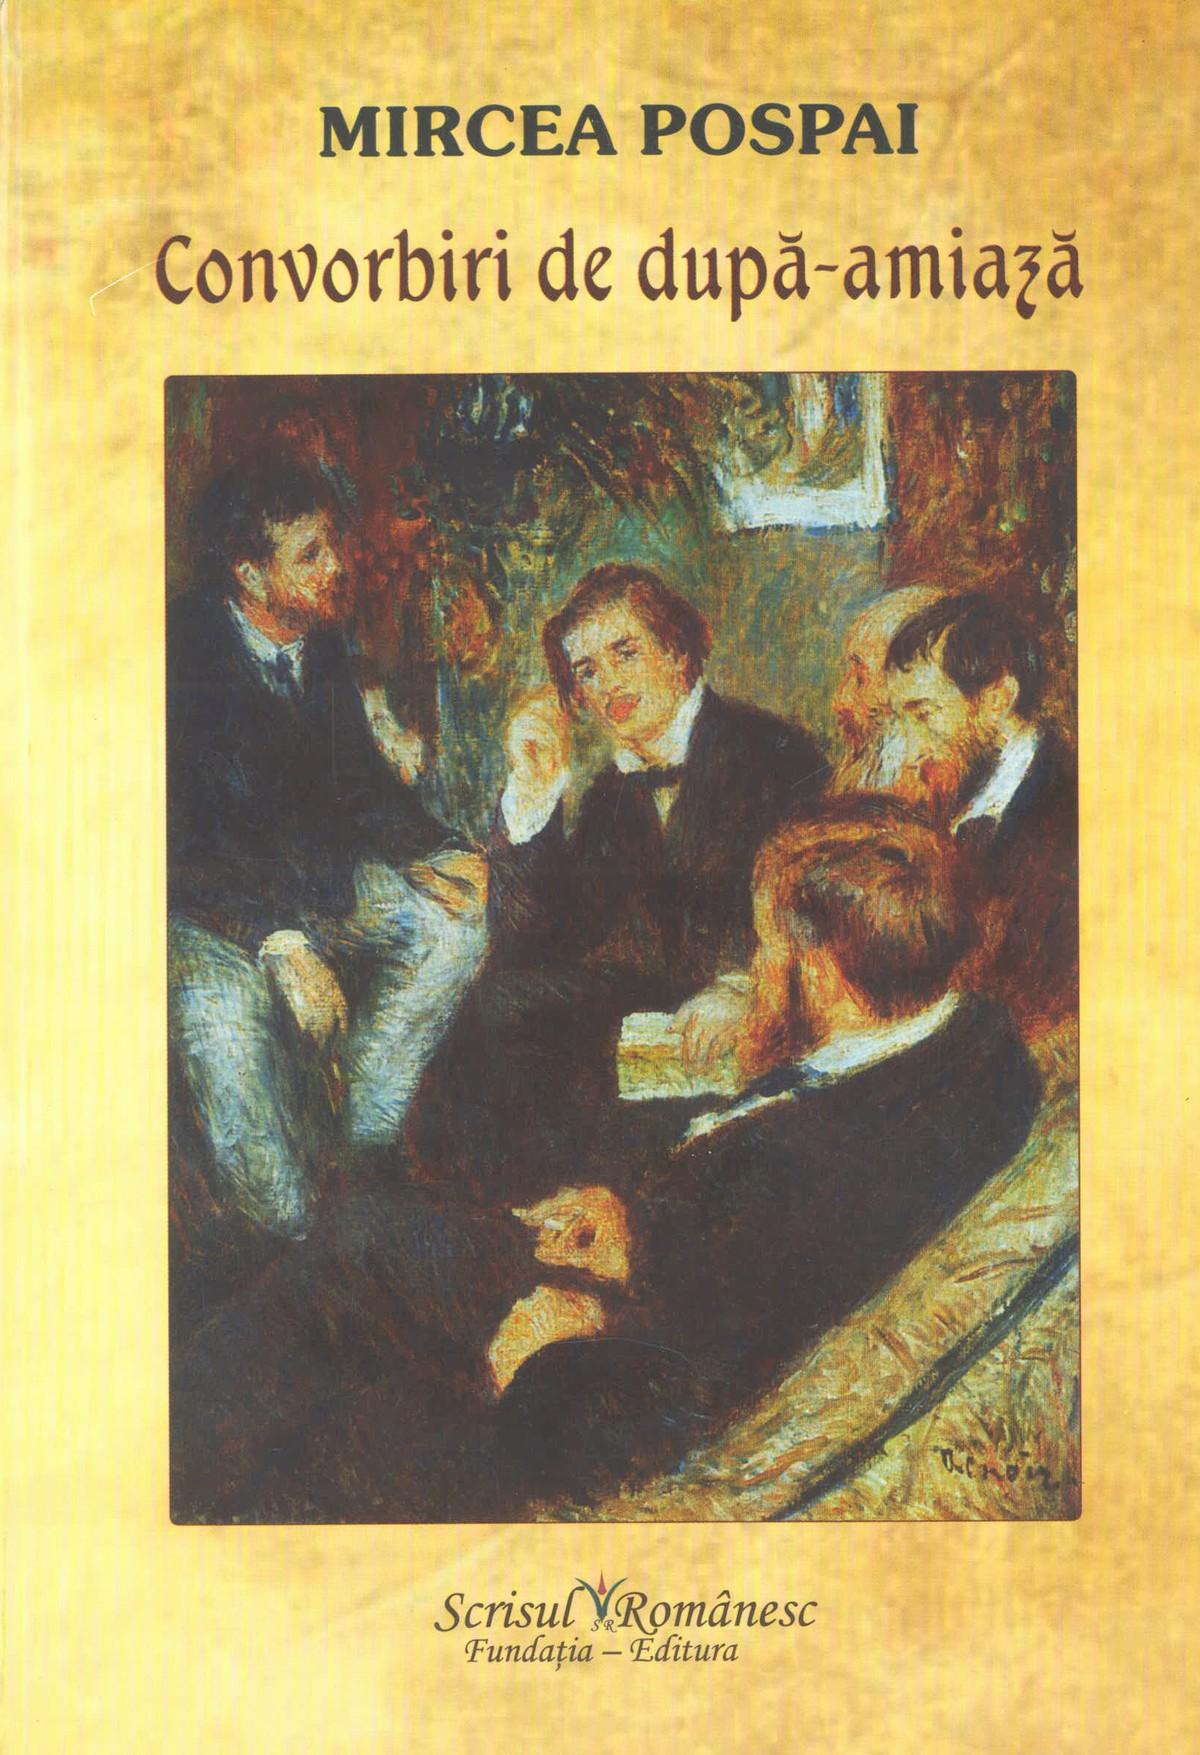 Mircea Pospai - Convorbiri de după-amiază